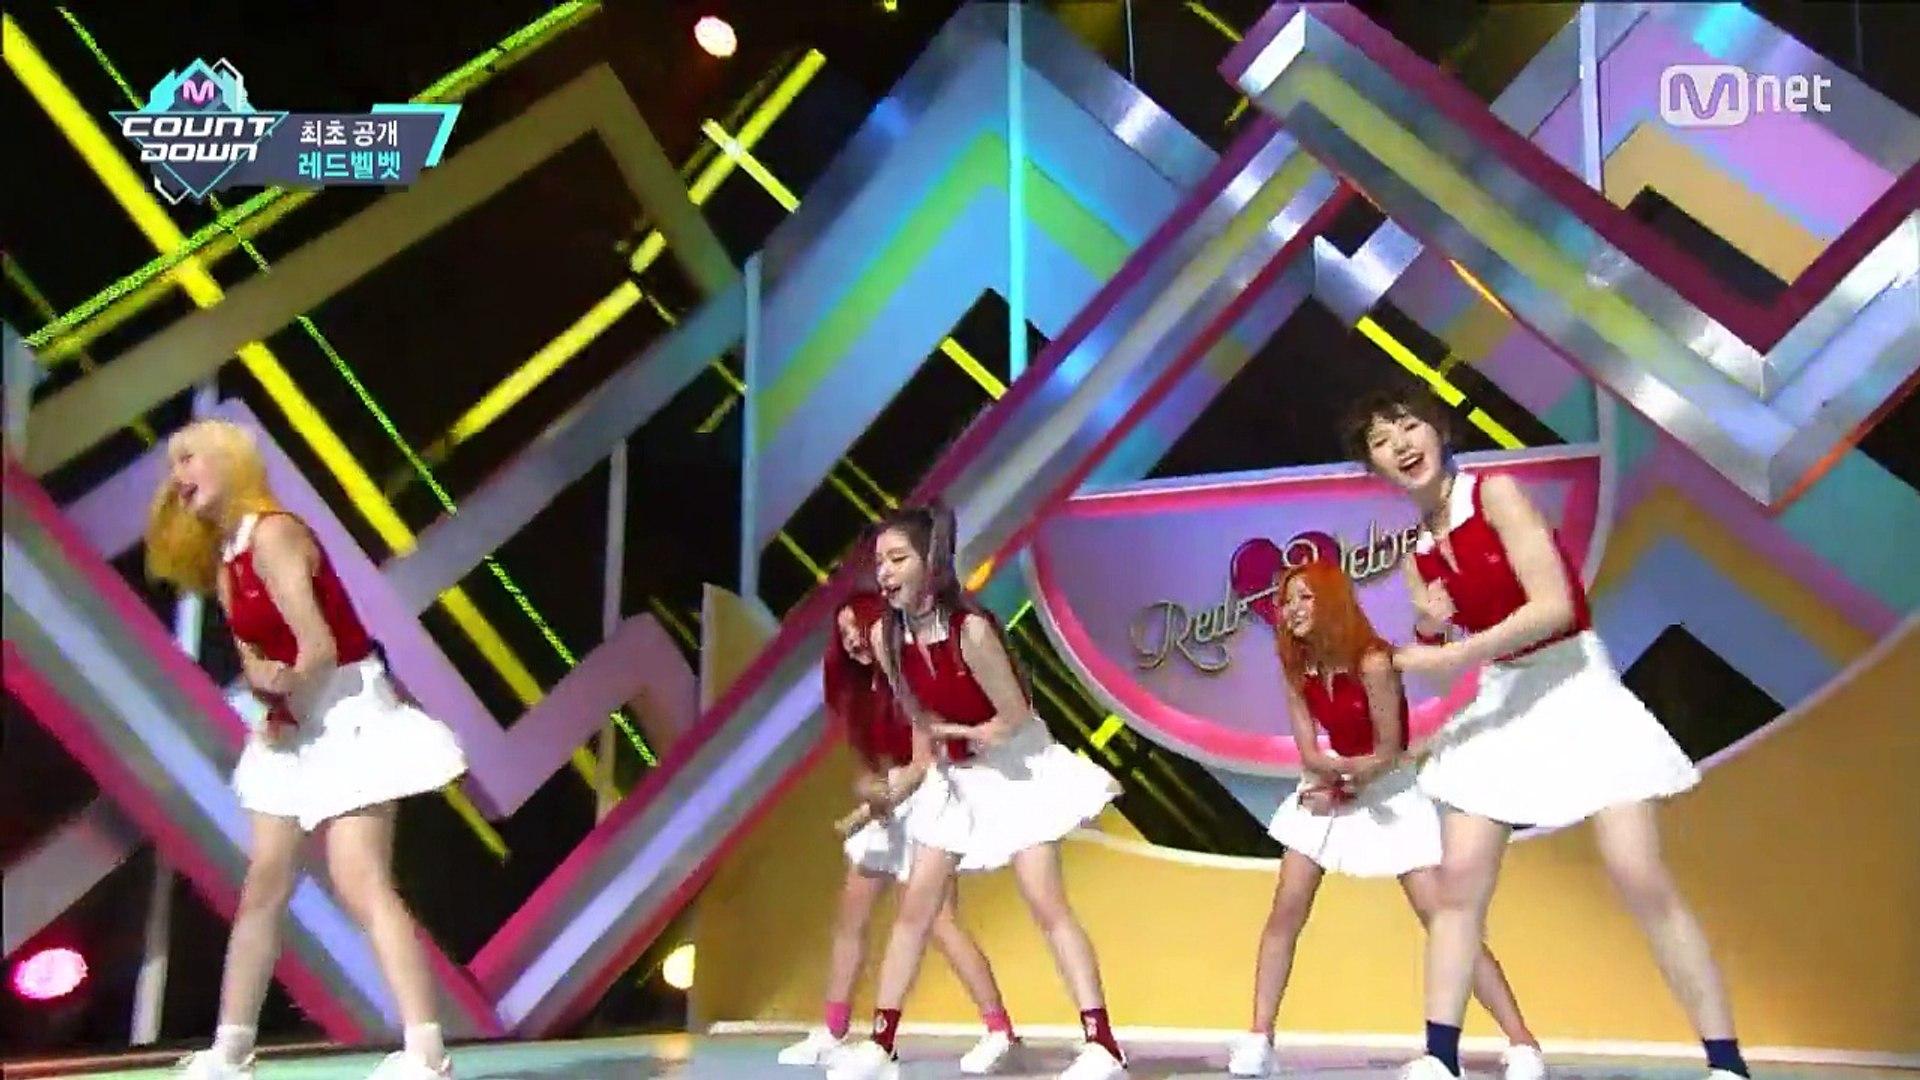 [Fancam] Red Velvet Irene - Lucky Girl KPOP FANCAM